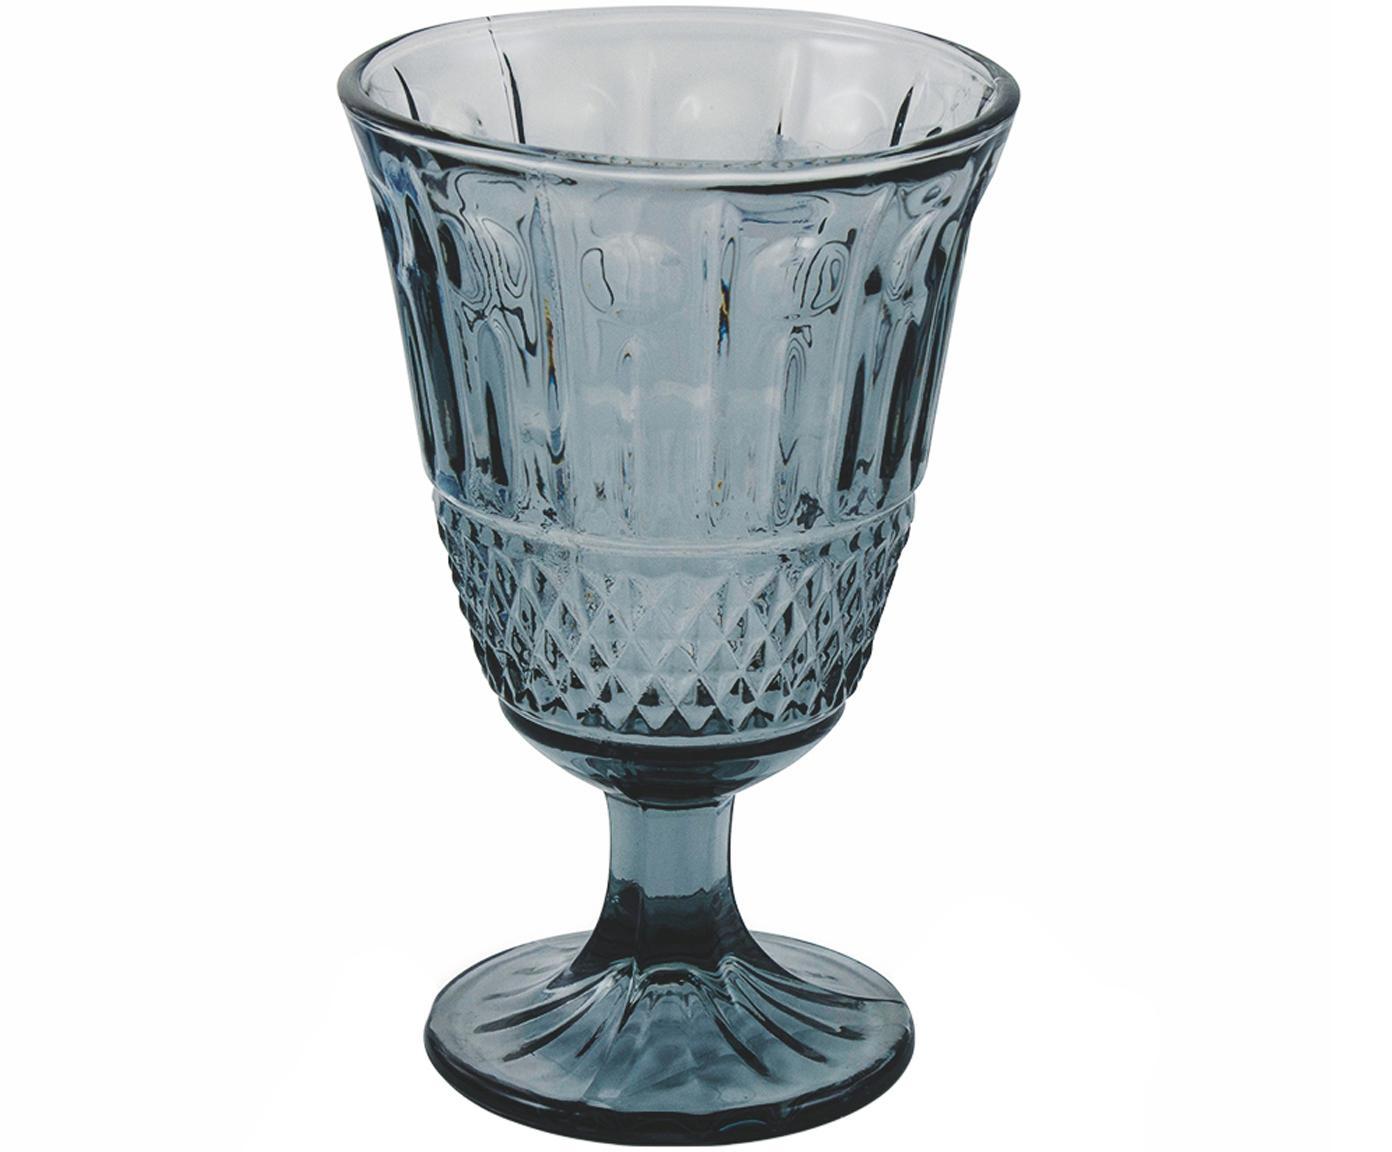 Kieliszek Elegance, 6 szt., Szkło, Niebieski, Ø 9 x W 14 cm